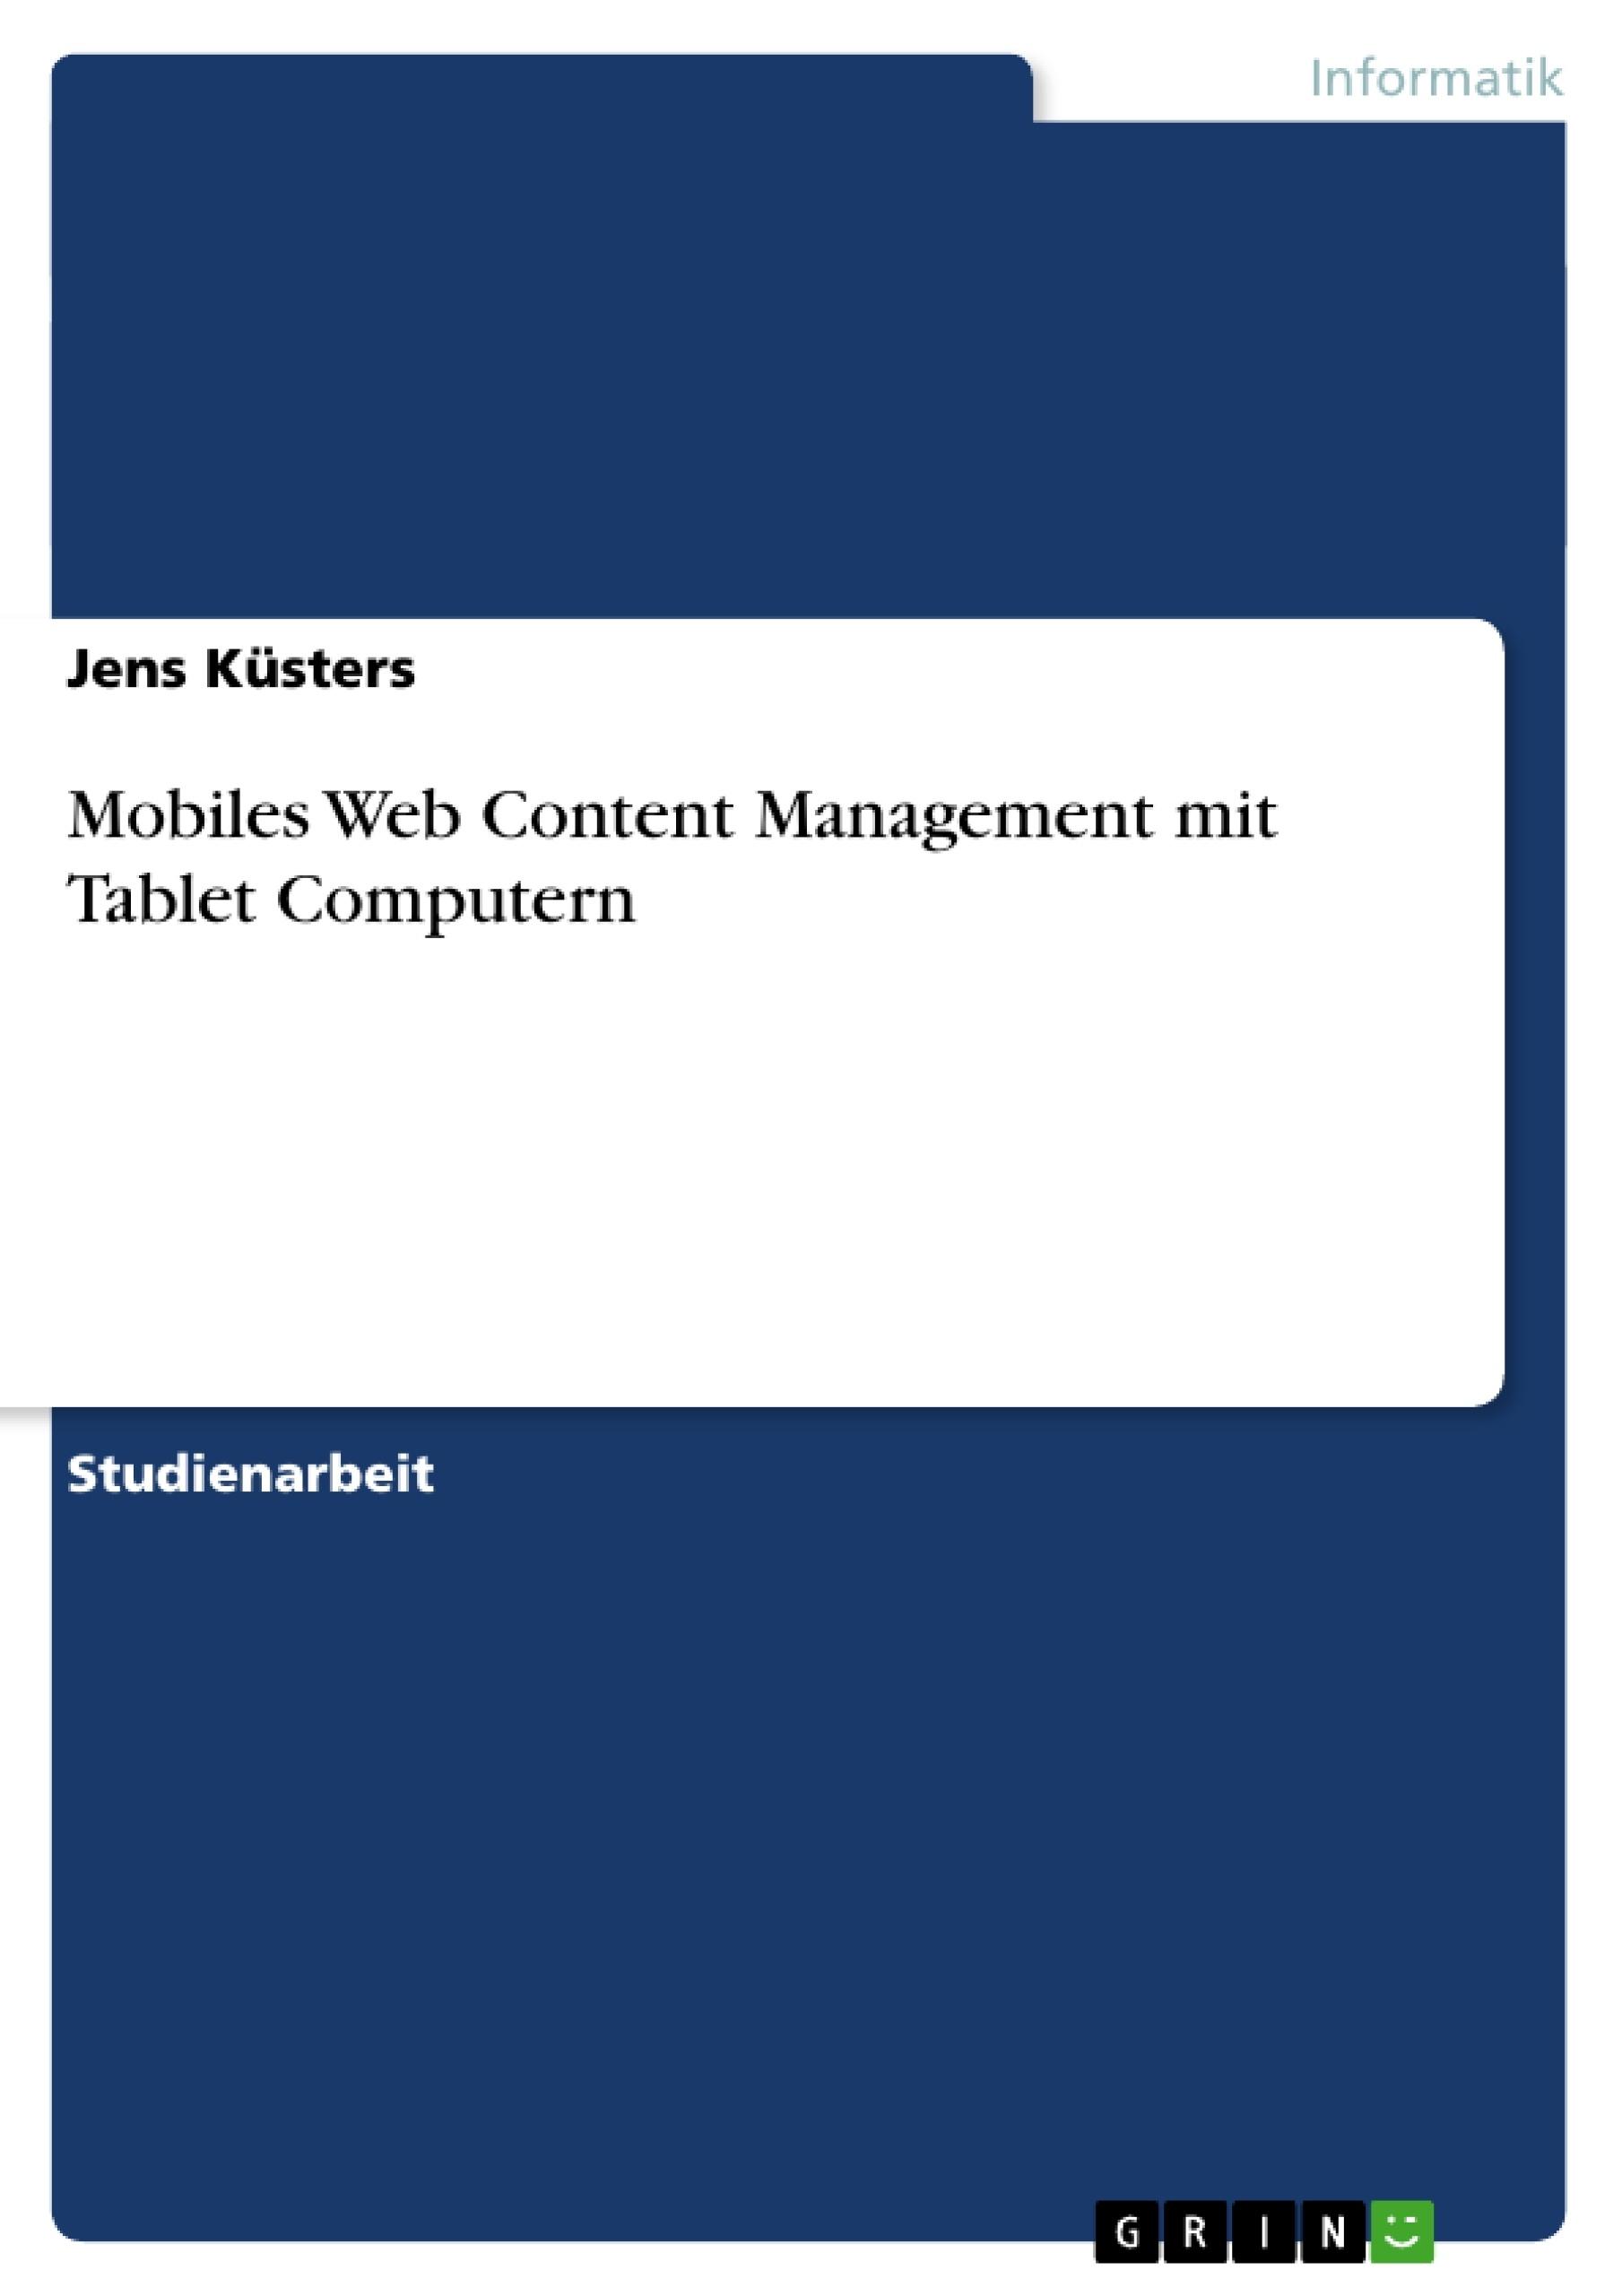 Titel: Mobiles Web Content Management mit Tablet Computern